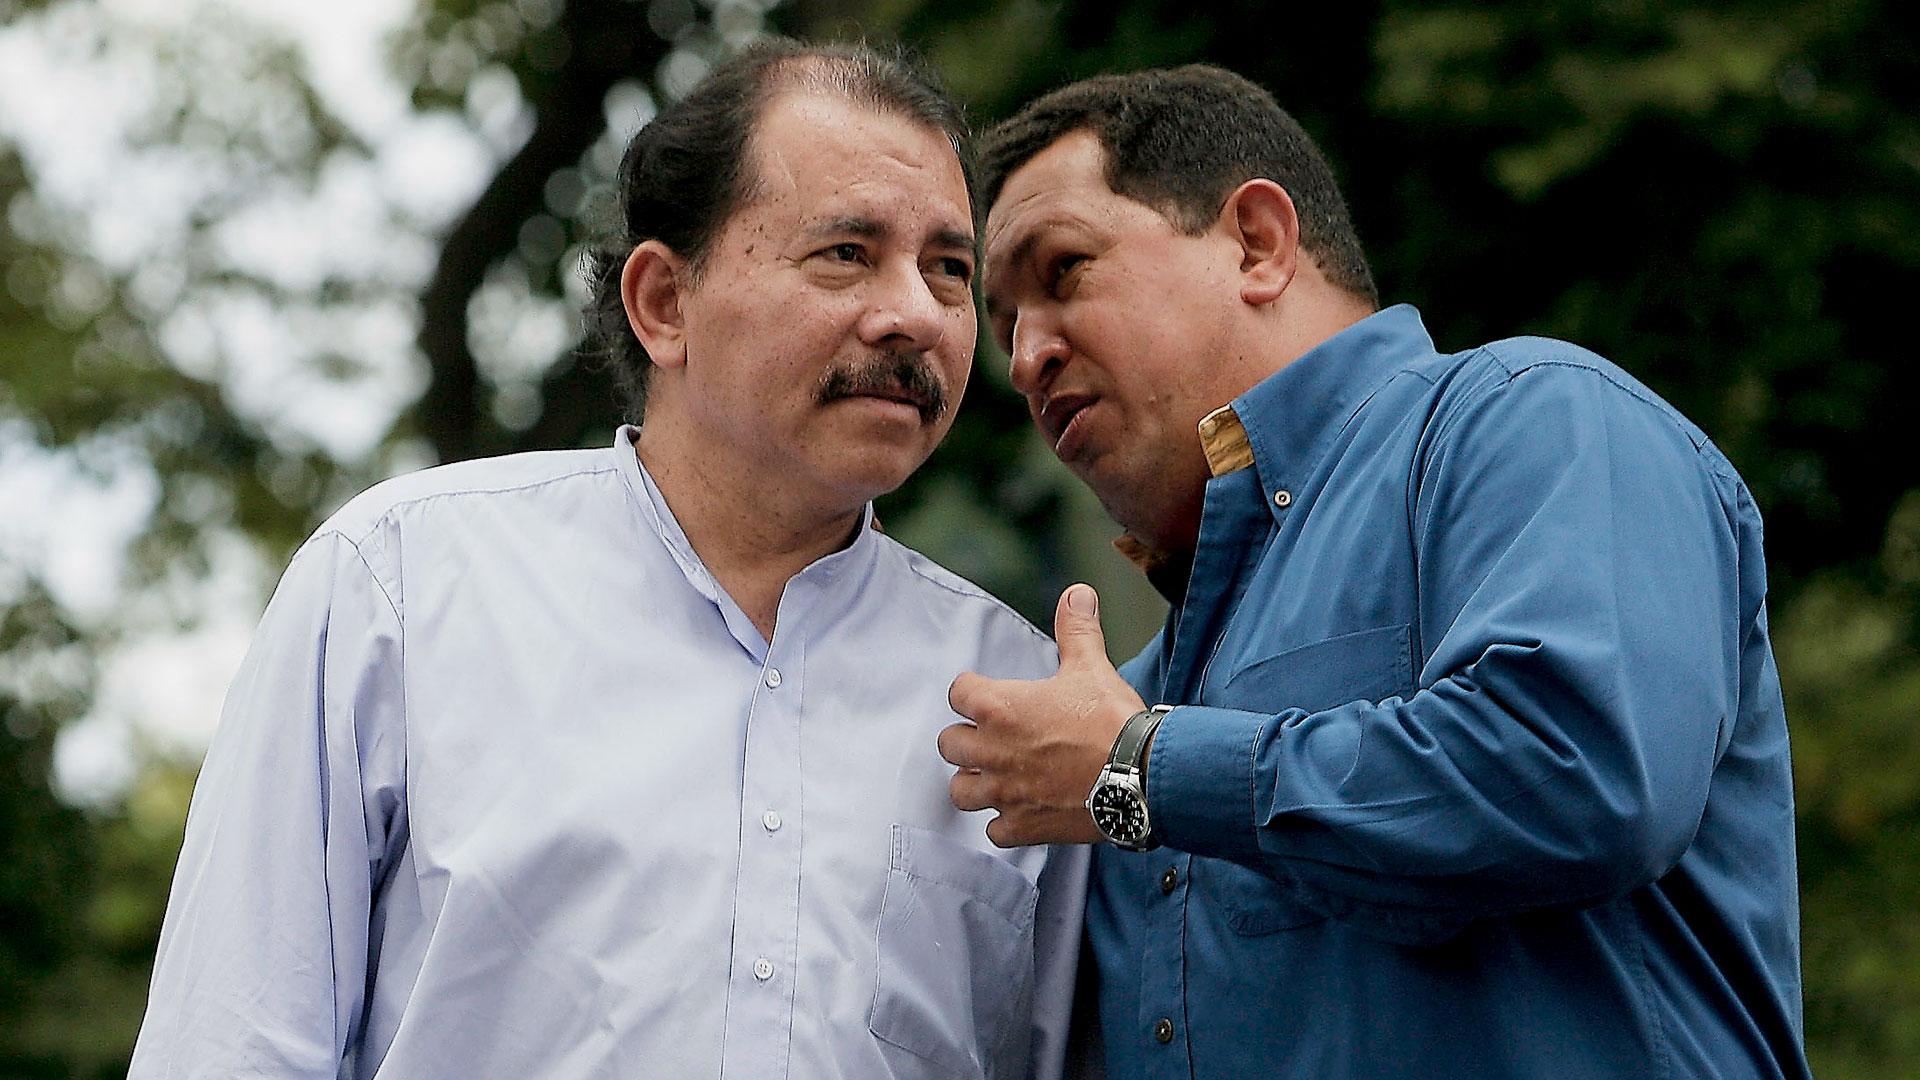 Chavismo INC: El mal sueño de Bolívar fue una refinería en Nicaragua